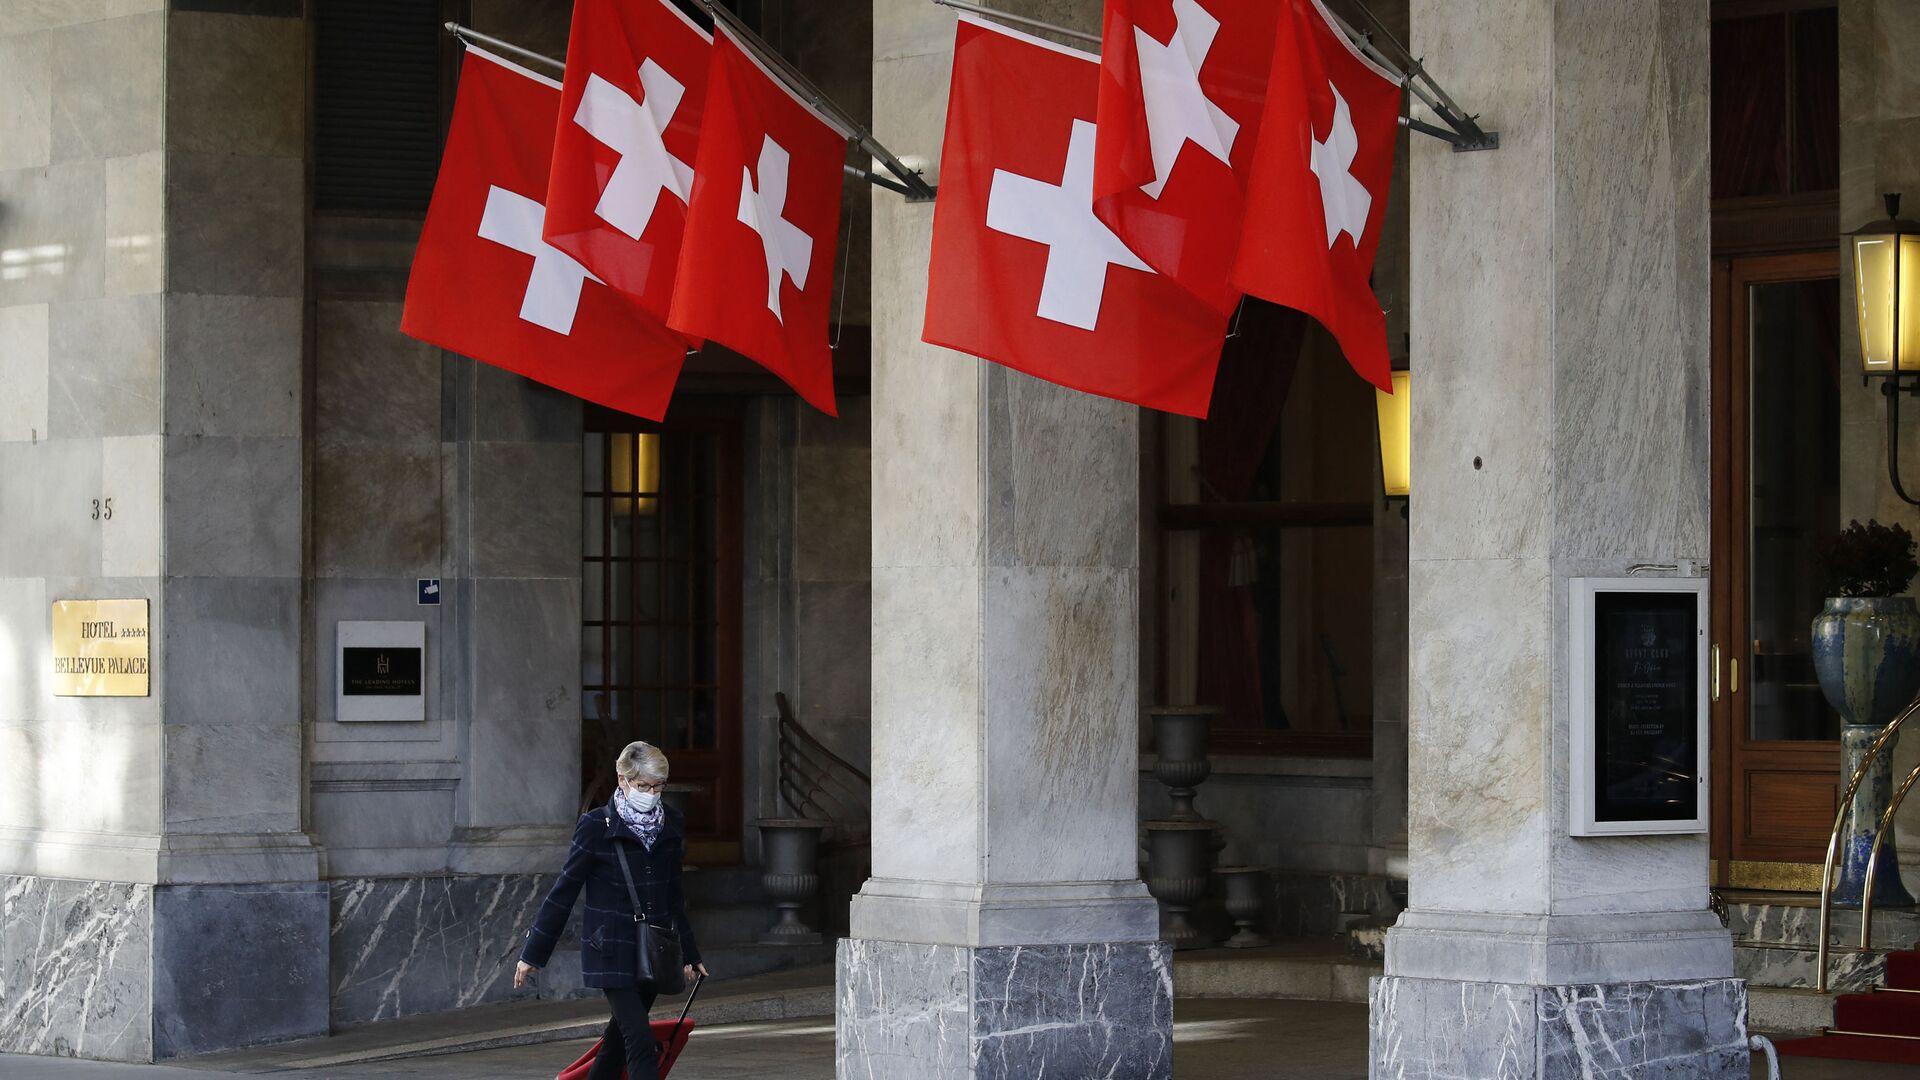 Berna, Svizzera - Sputnik Italia, 1920, 13.06.2021